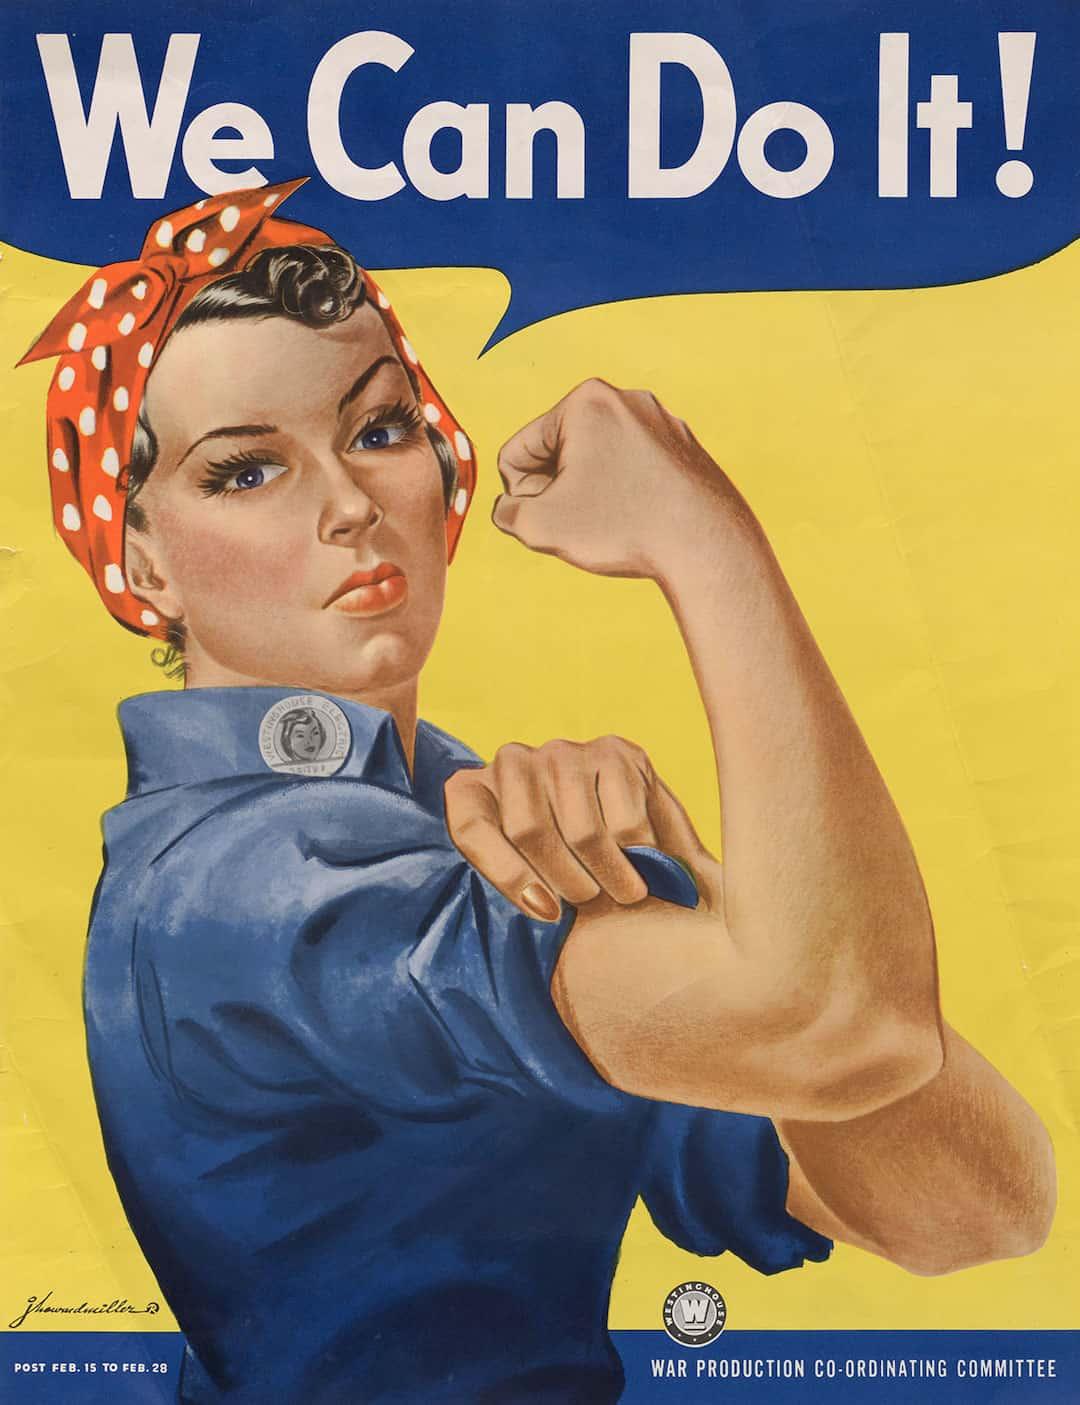 Rosie the Riveter poster by J Howard Miller via National Archives on casartblog